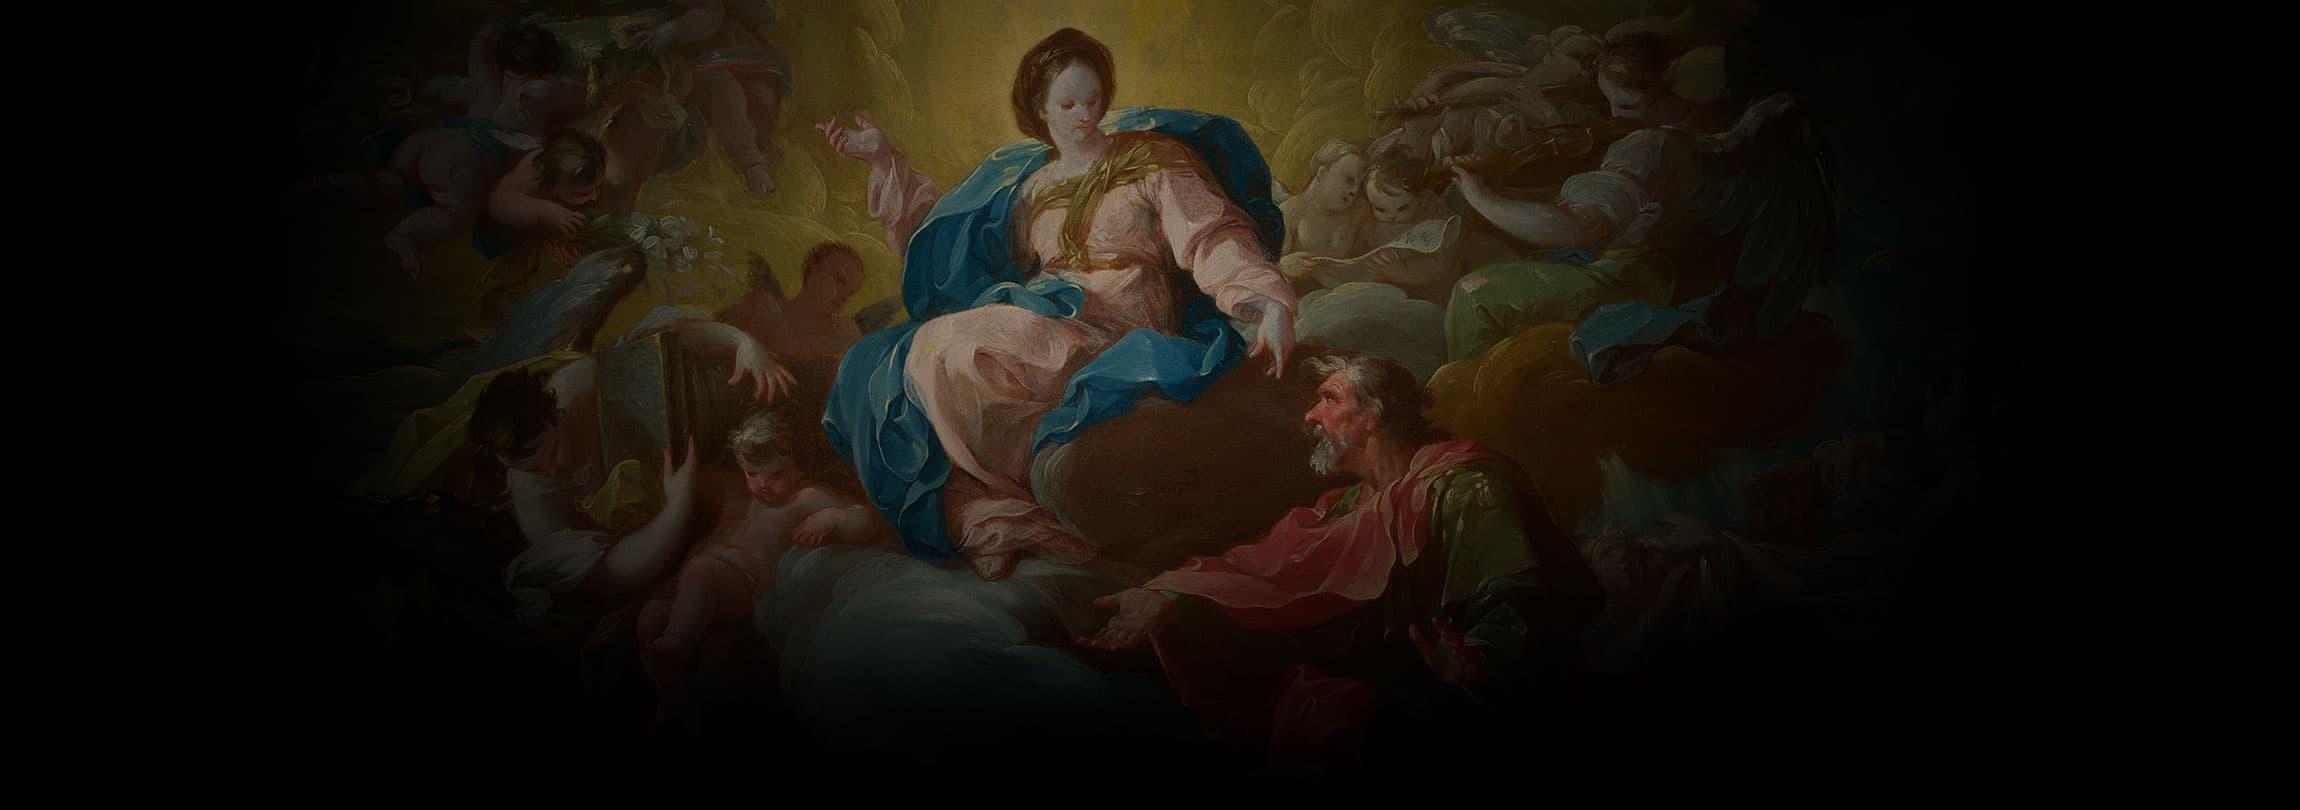 Aparições Marianas: o que são e qual o seu papel na vida cristã?